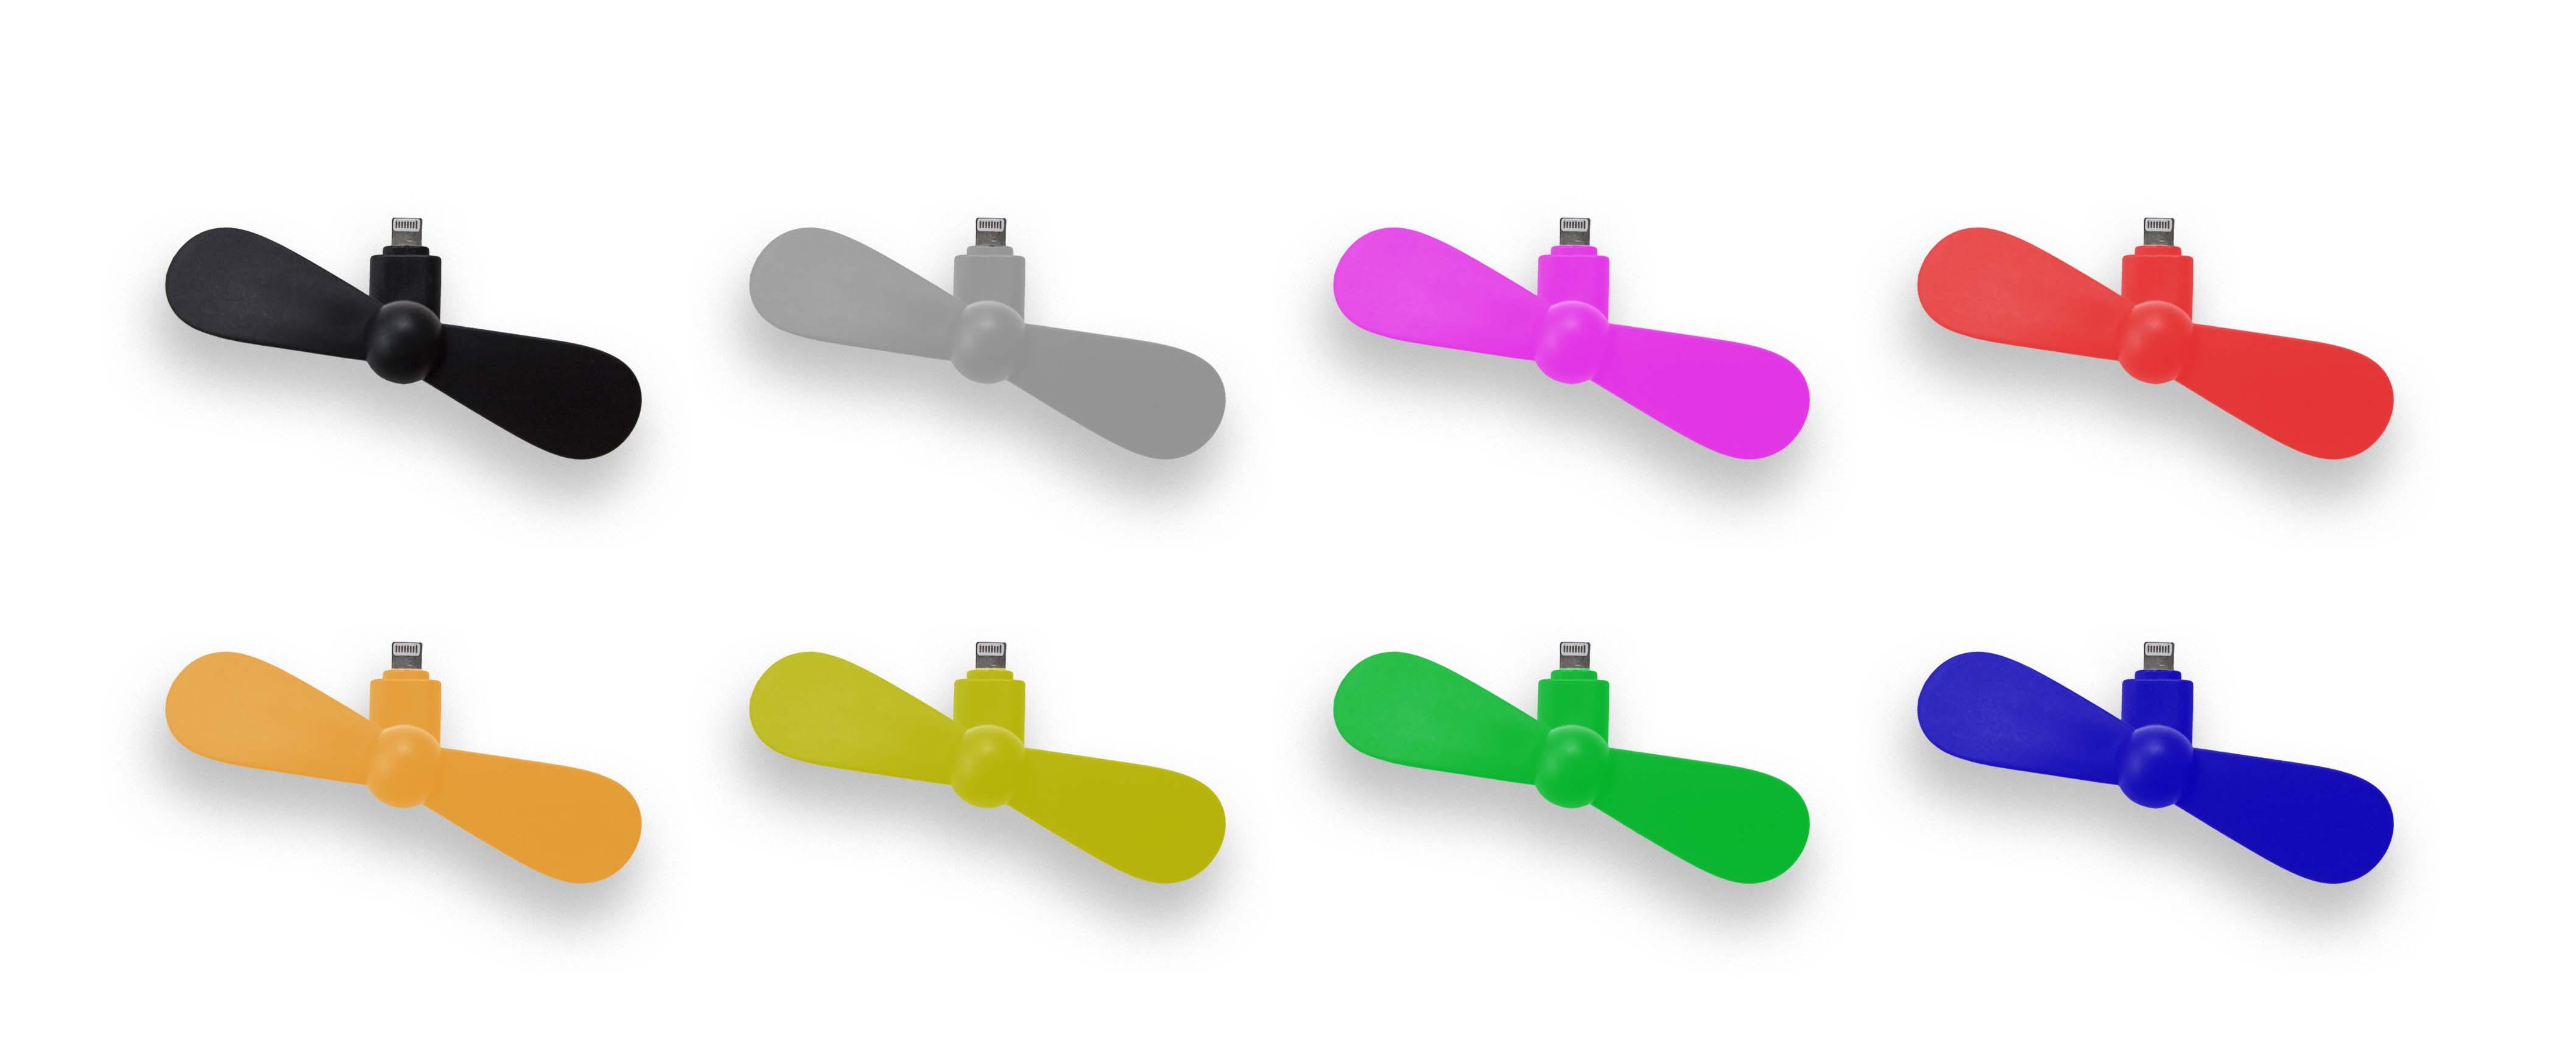 Les couleurs pour le ventilateur pour smartphone avec logo